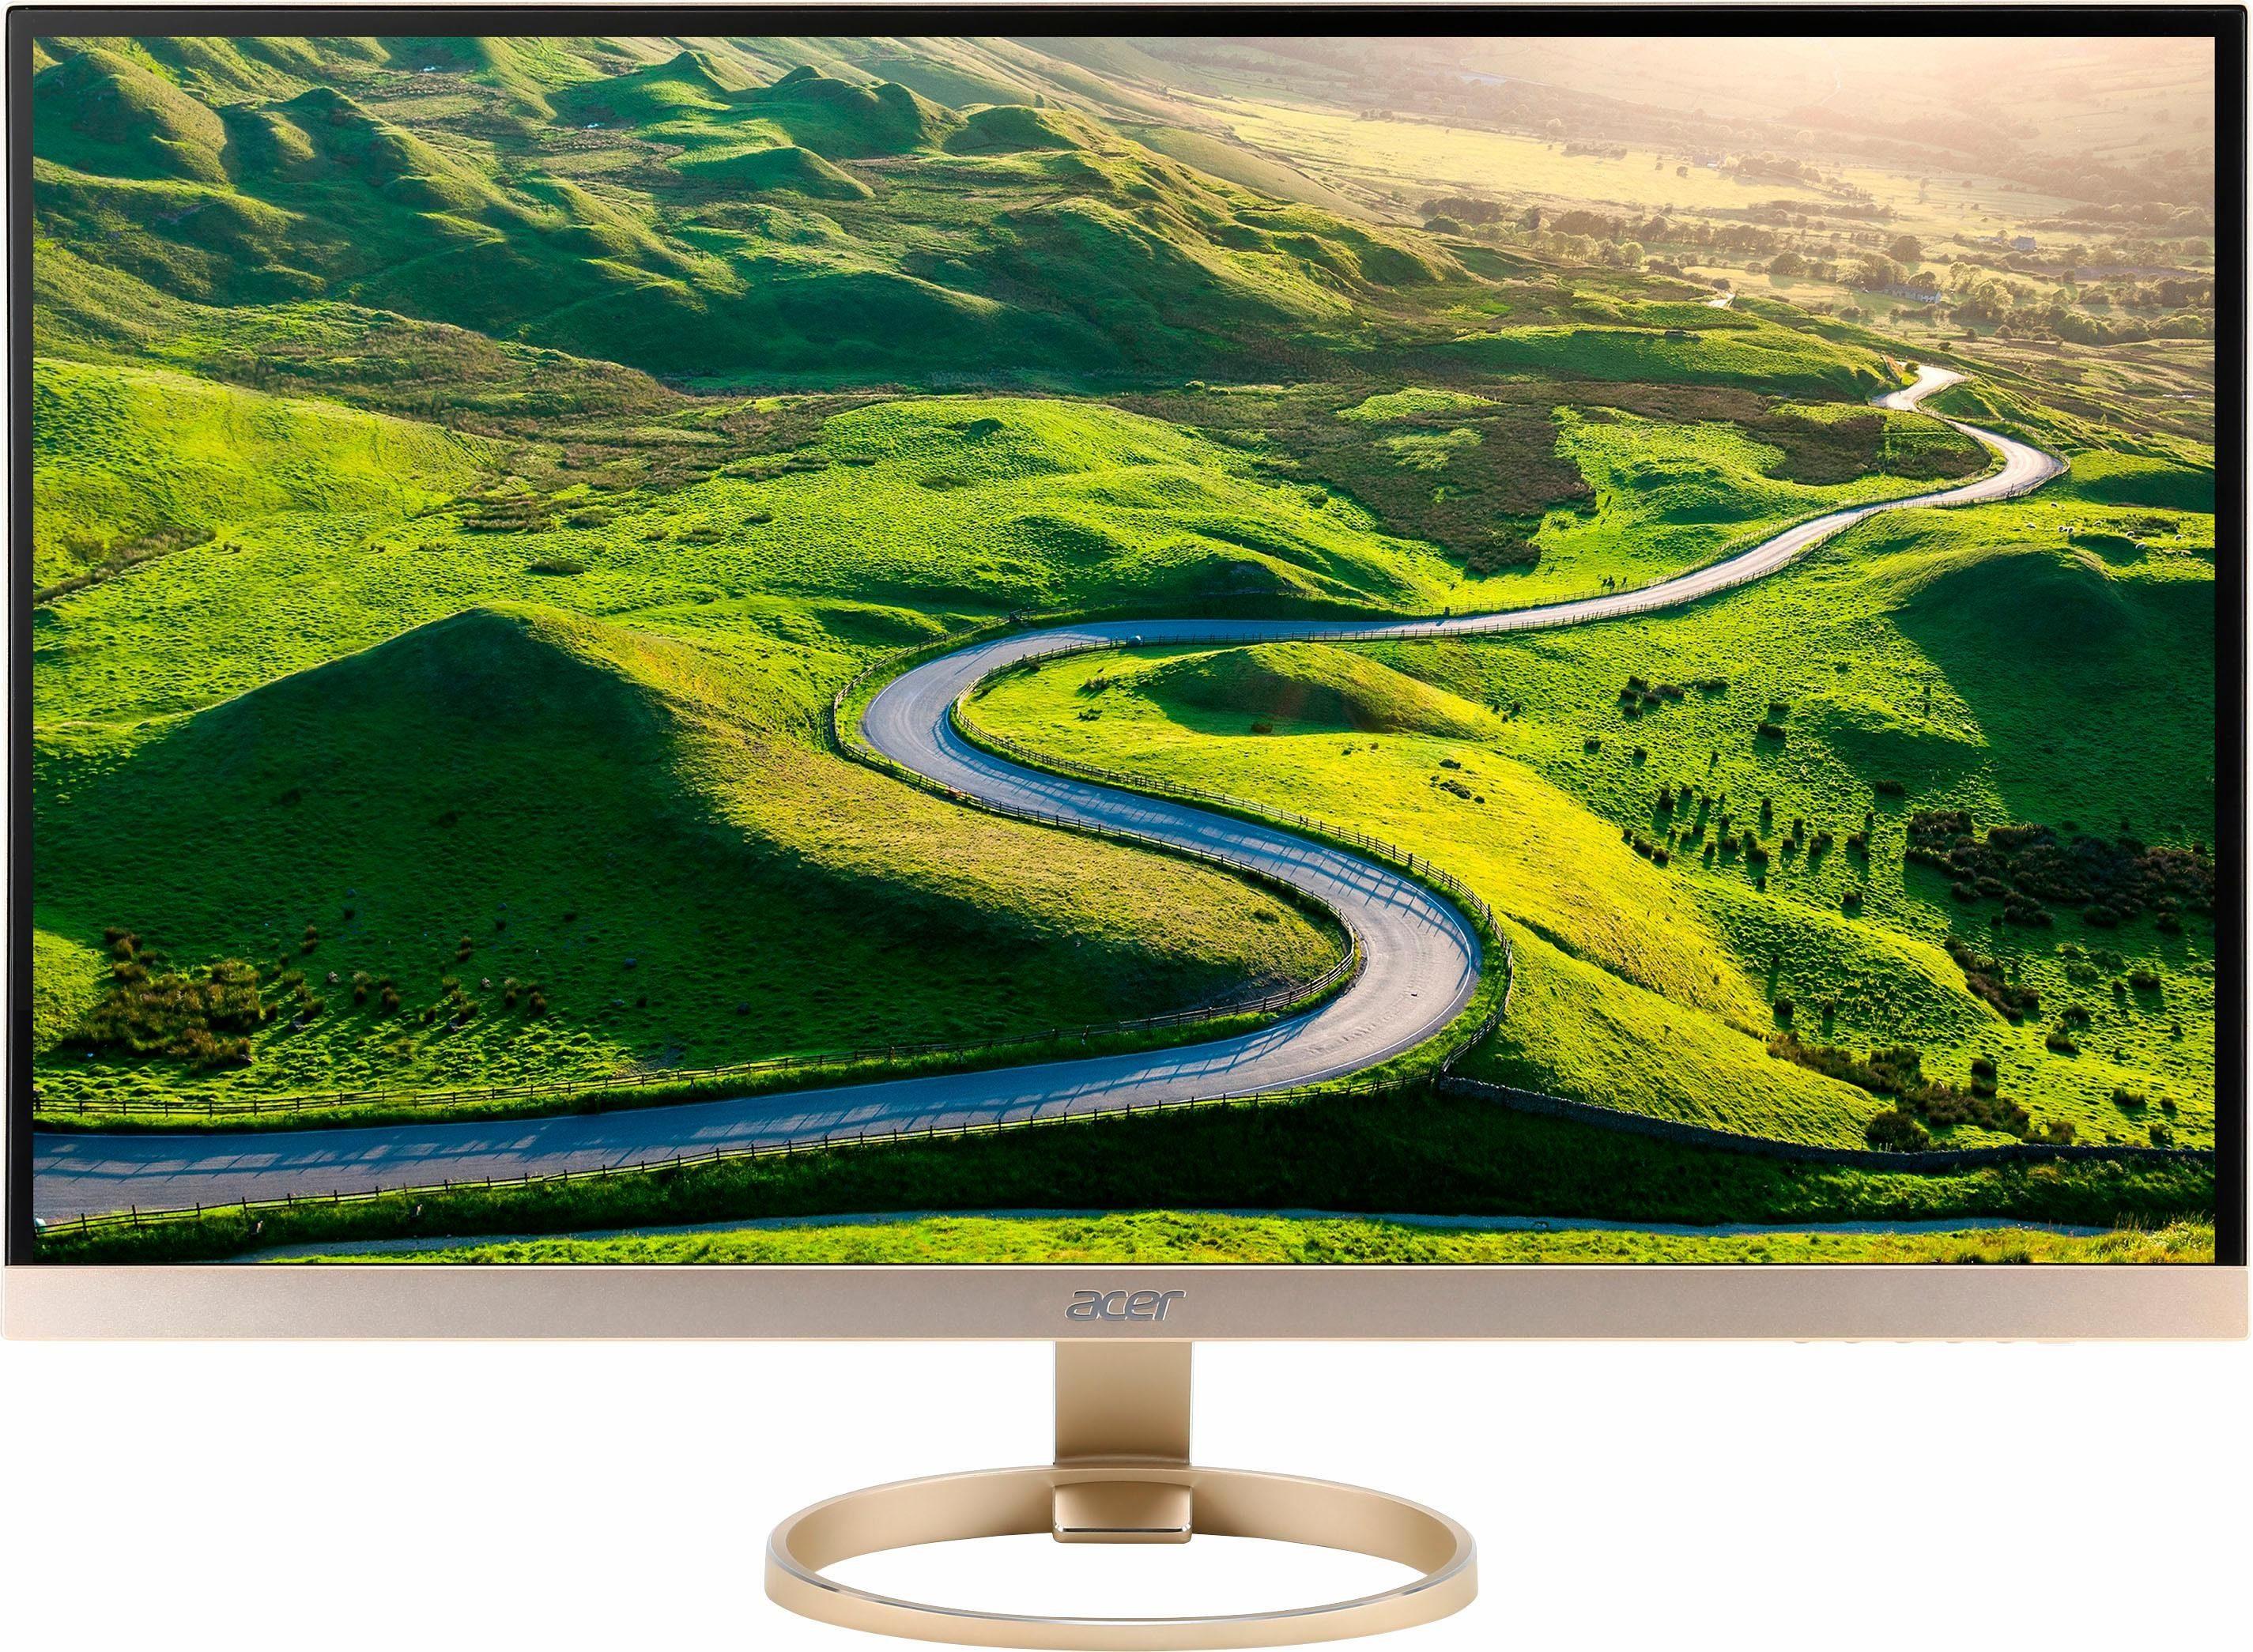 Acer H277HU TFT-Monitor (2560 x 1440 Pixel, WQHD, 4 ms Reaktionszeit, WQHD 2560 x 1440, 16.7 Millionen Farben)